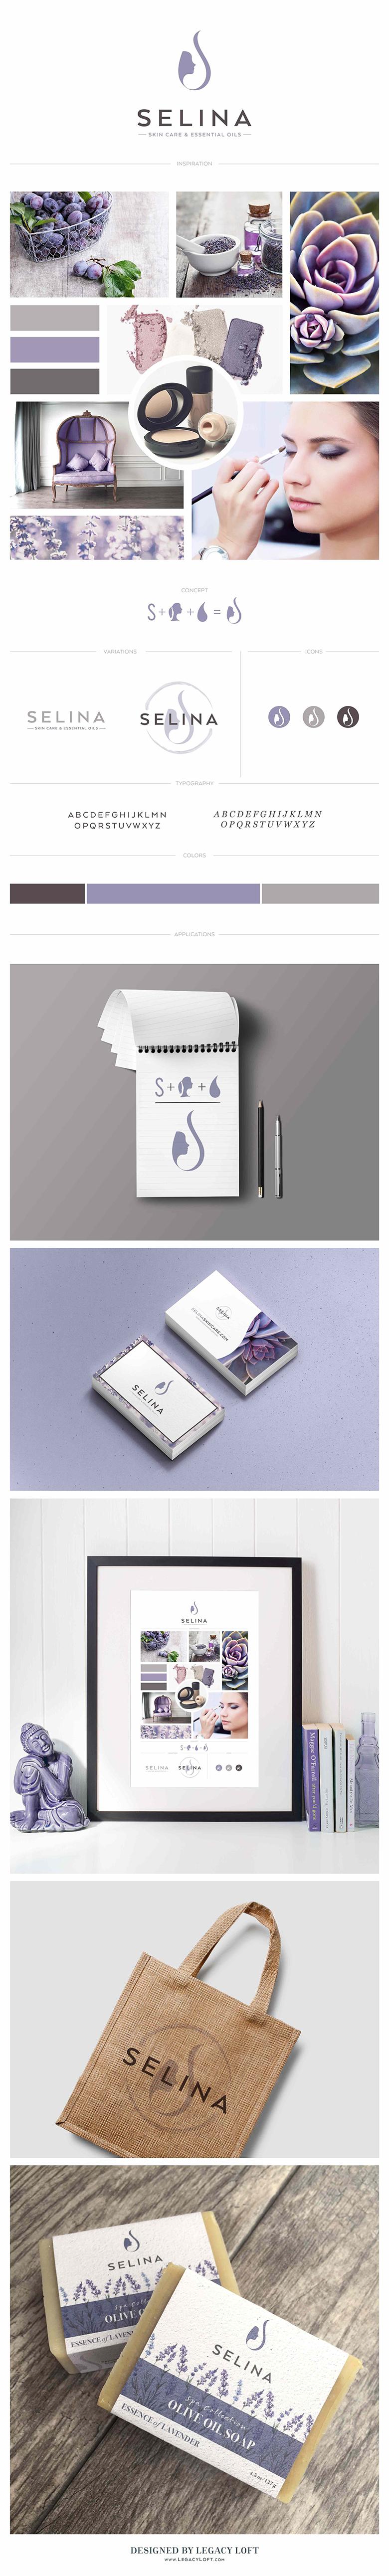 skin-care-branding-graphic-design-brand-board